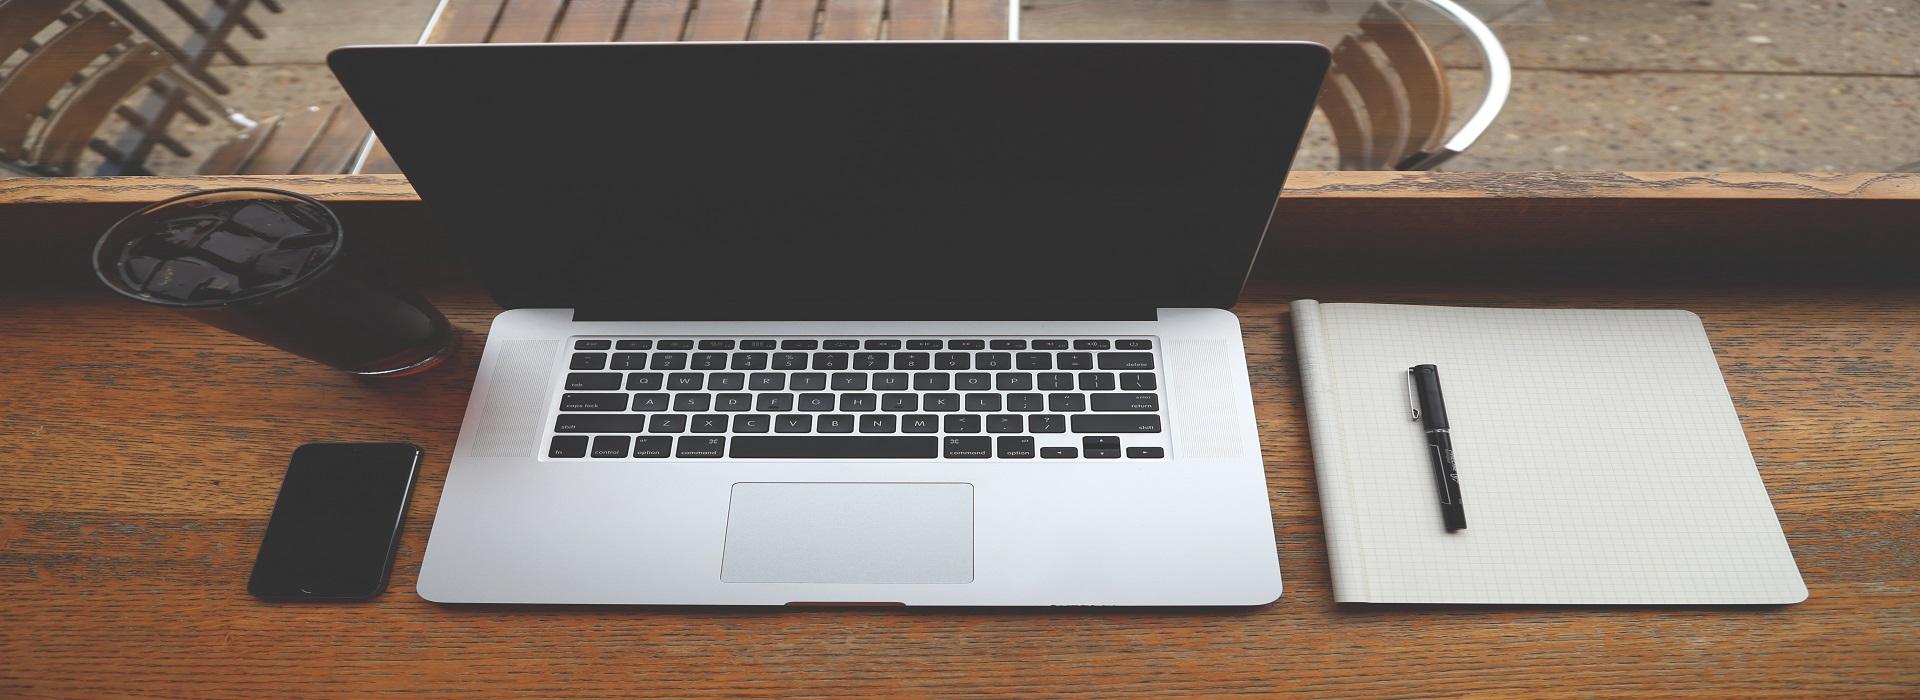 SVweb  รับทำเว็บไซต์  ออกแบบเว็บไซต์  พัฒนาเว็บไซต์ ด้วยเทคโนโลยีใหม่ล่าสุดรองรับทุกหน้าจอการแสดงผล สามารถรองรับการทำงานไม่ว่าจะเป็นอุปกรณ์คอมพิวเตอร์ หรือมือถือสมาร์ทโฟน